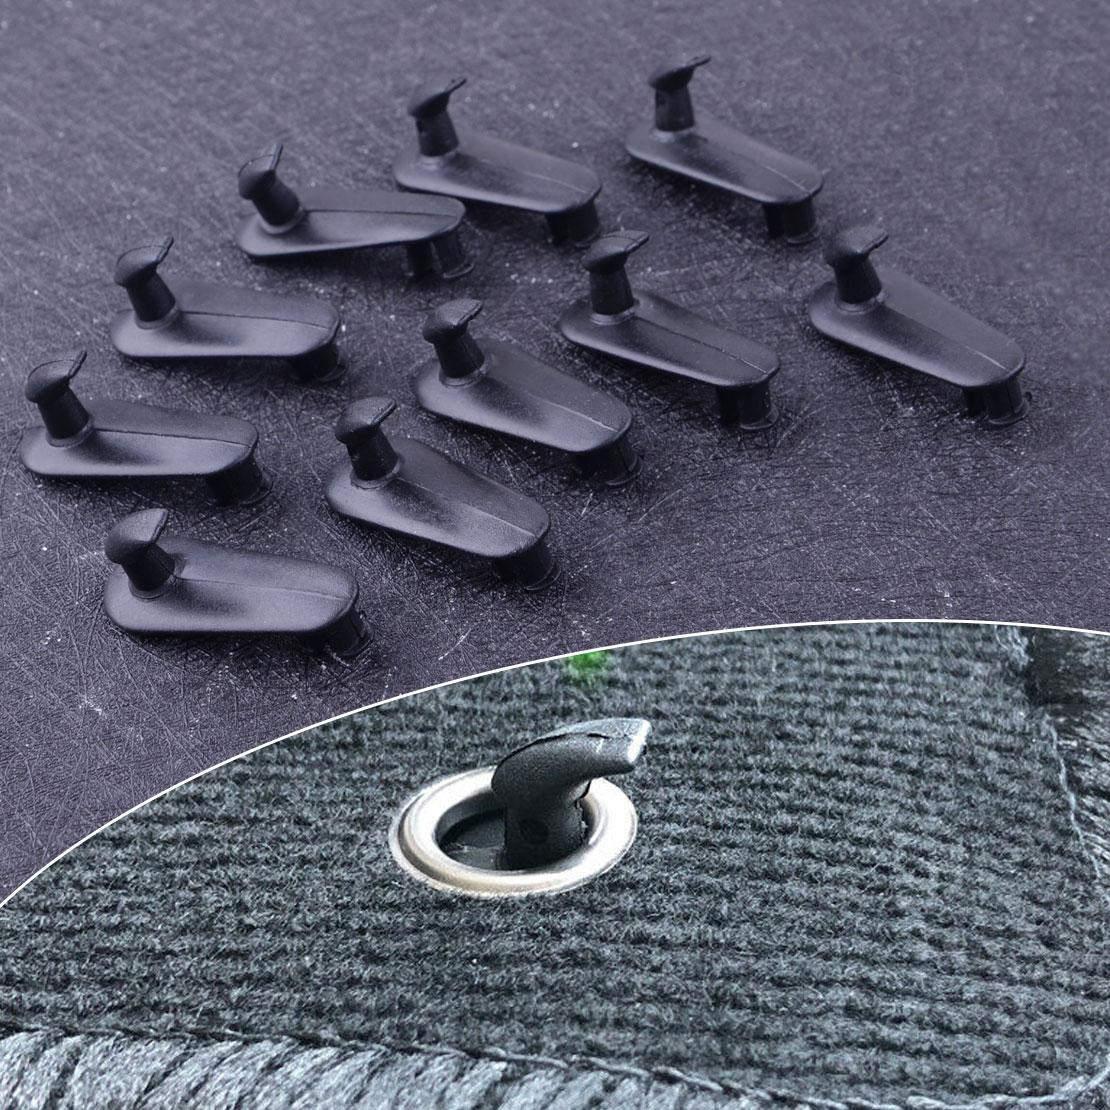 CITALL 10 Uds negro de plástico del coche de piso fijación ganchos con Clips de retención mantener retenedor de Toyota 4 Runner Camry RAV4